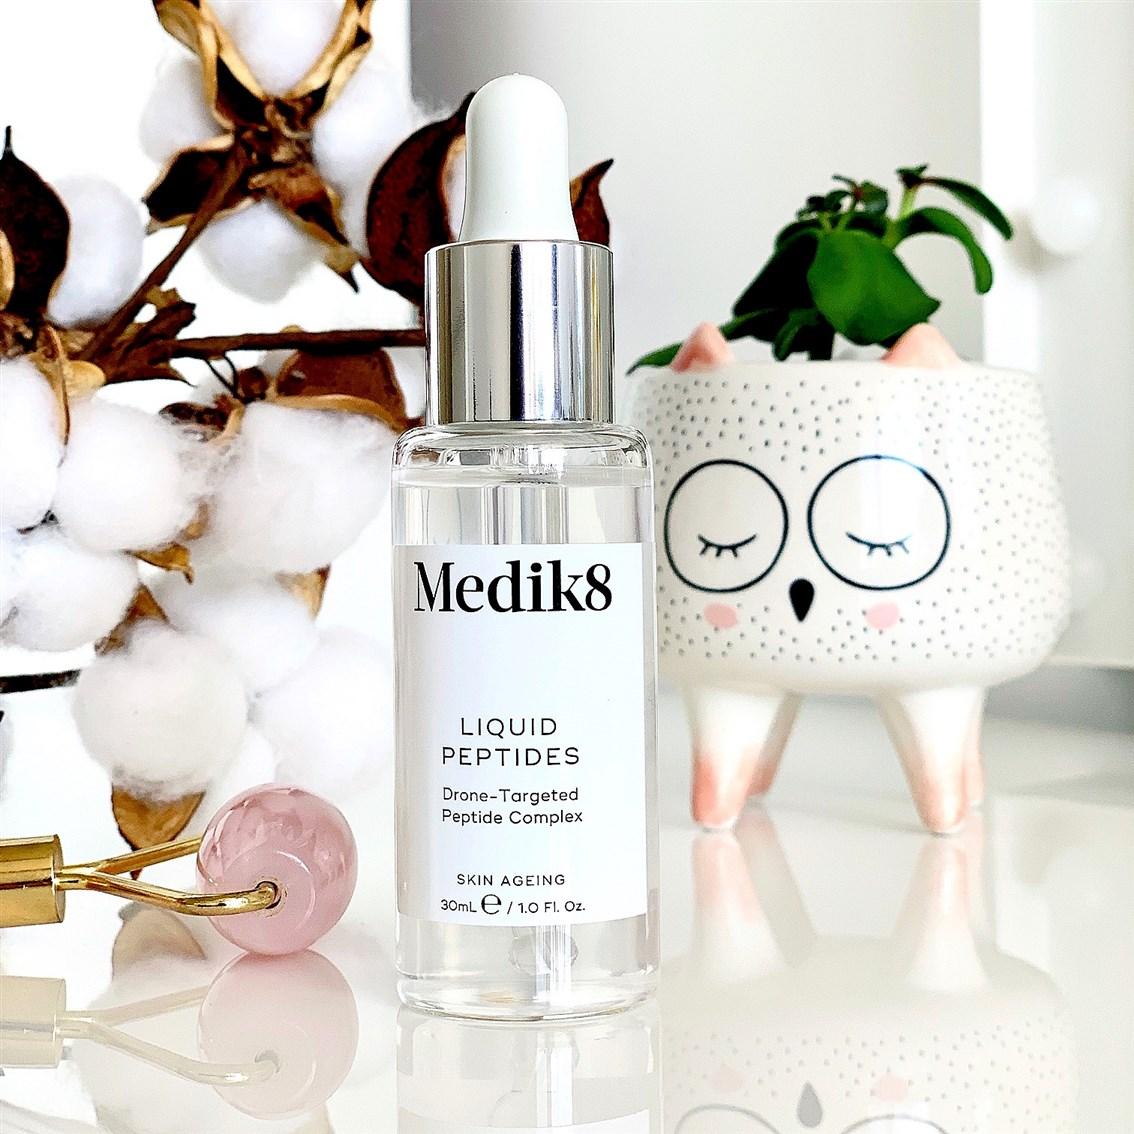 Medik8 Liquid Peptides opinie